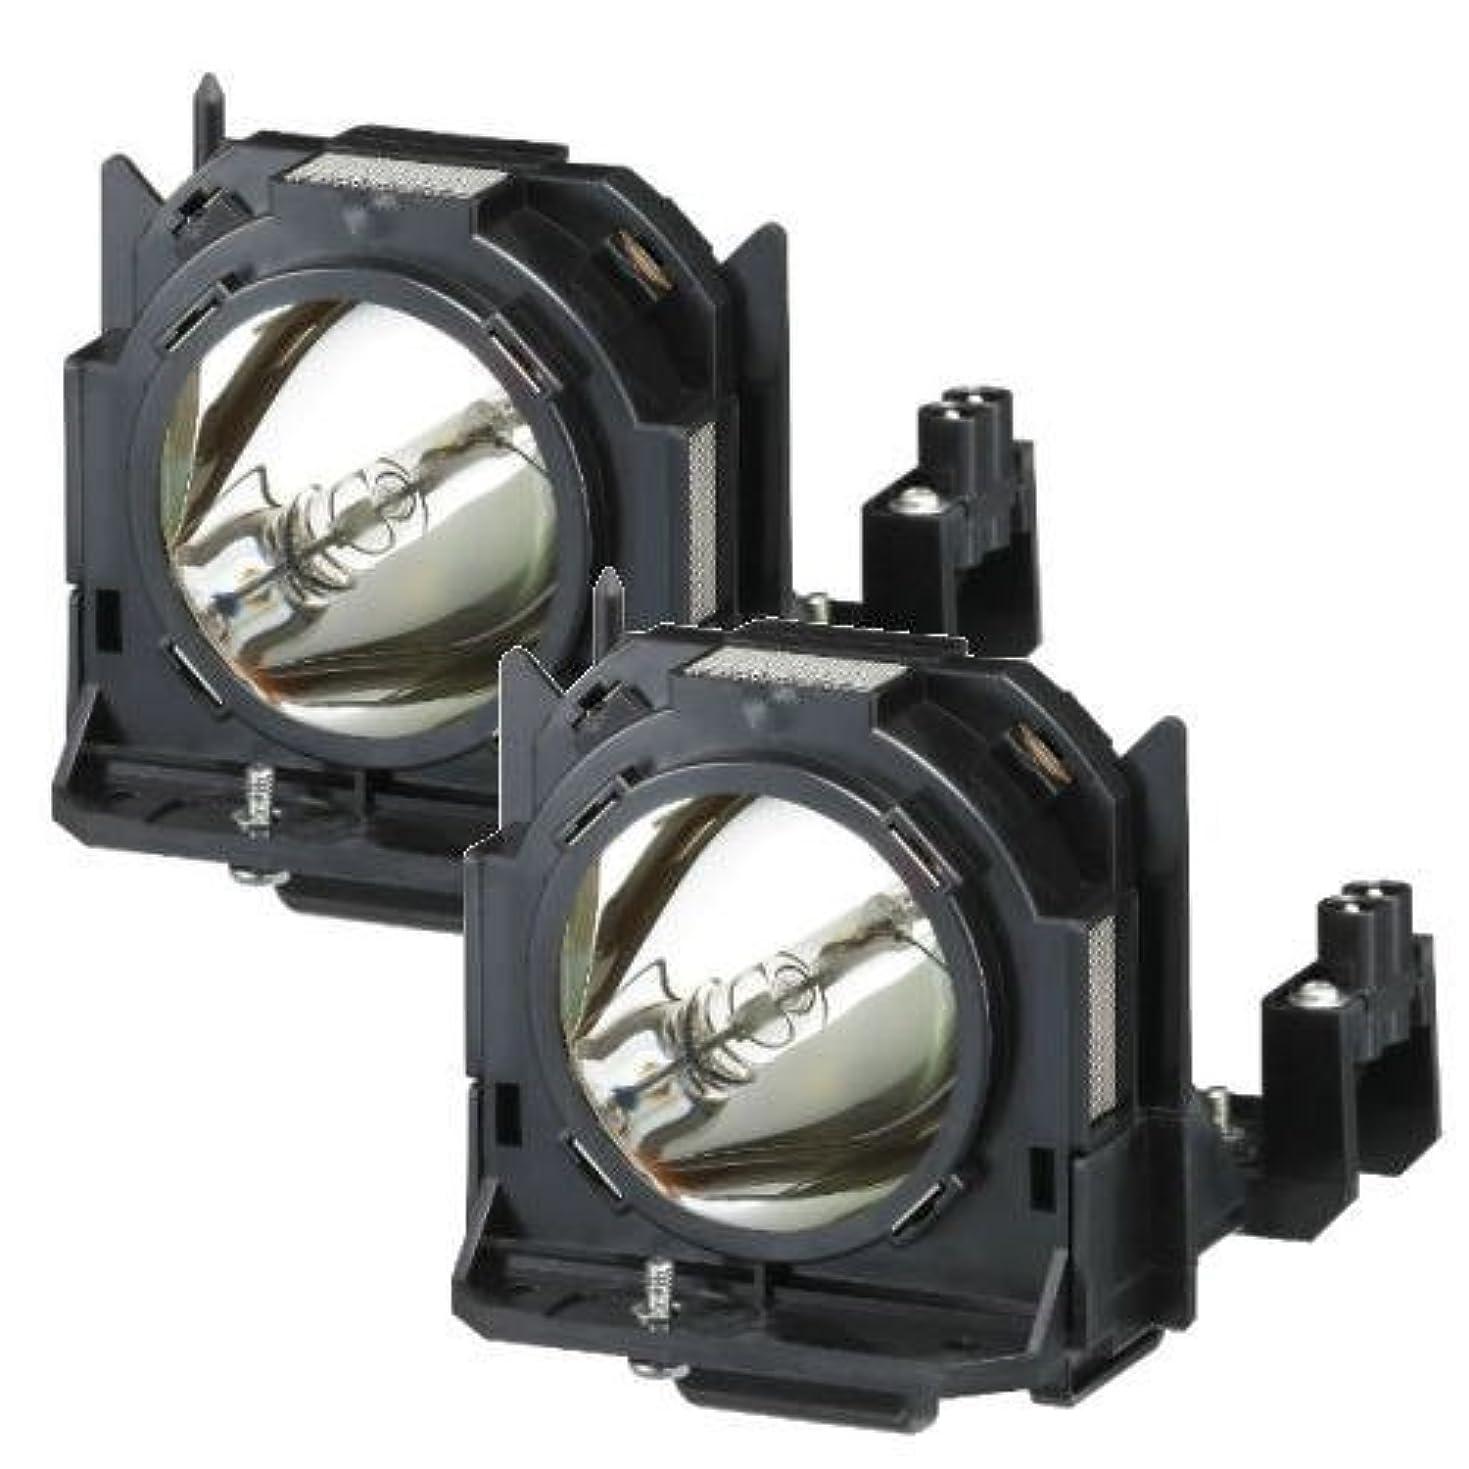 ダイヤルブルーム失ET-LAD60W 交換ランプ Panasonic パナソニック プロジェクター用 Phoenix オリジナルバナー搭載 汎用交換ランプ 純正互換品 2灯セット CBH ET-LAD60W-CBH